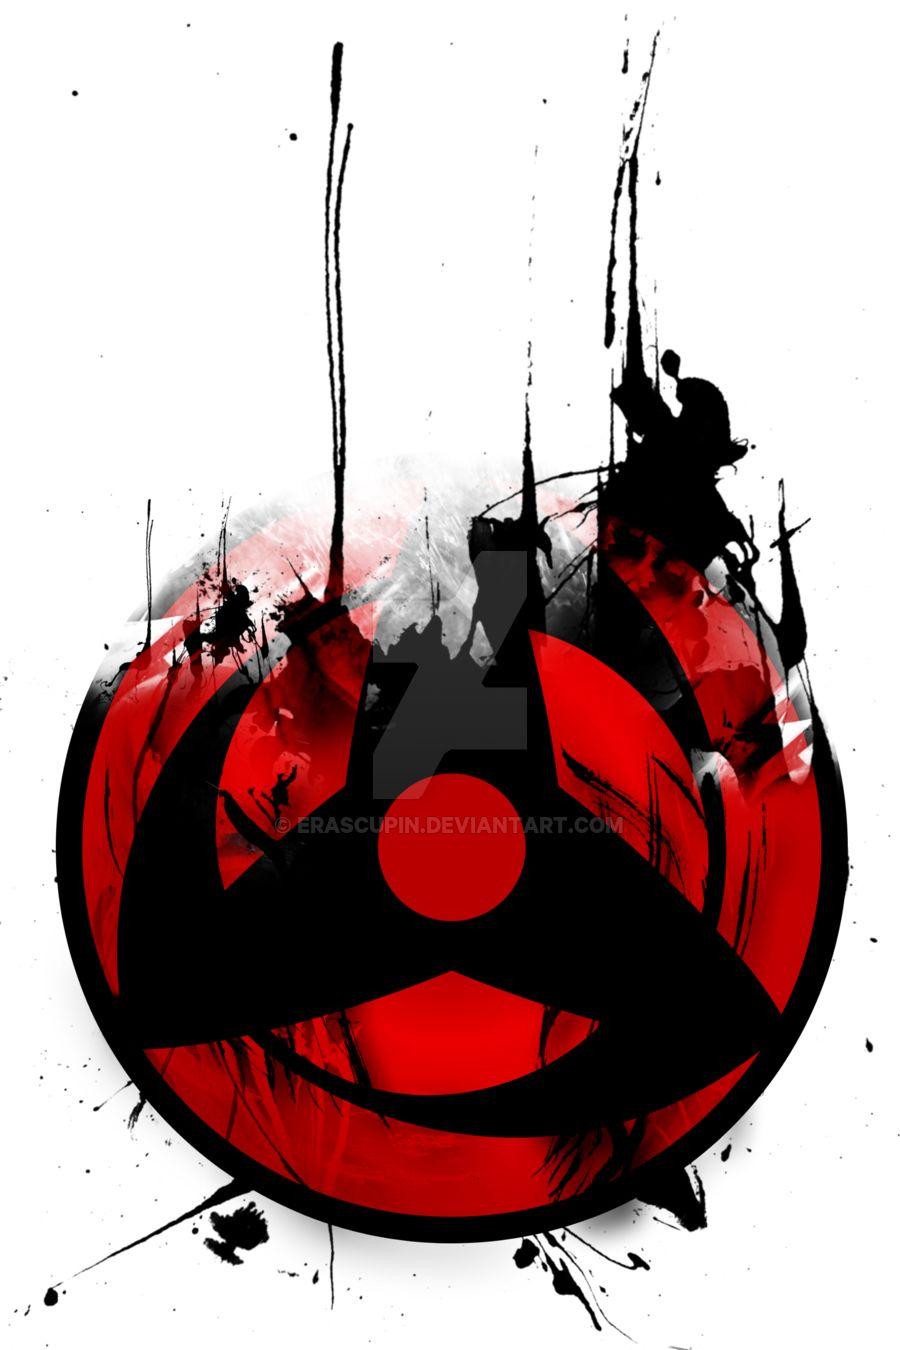 Hatake Kakashis Mangekyou Sharingan Anime Serien Japanische Sprache Anime Bilder Hintergrundbilder Zeichnungen